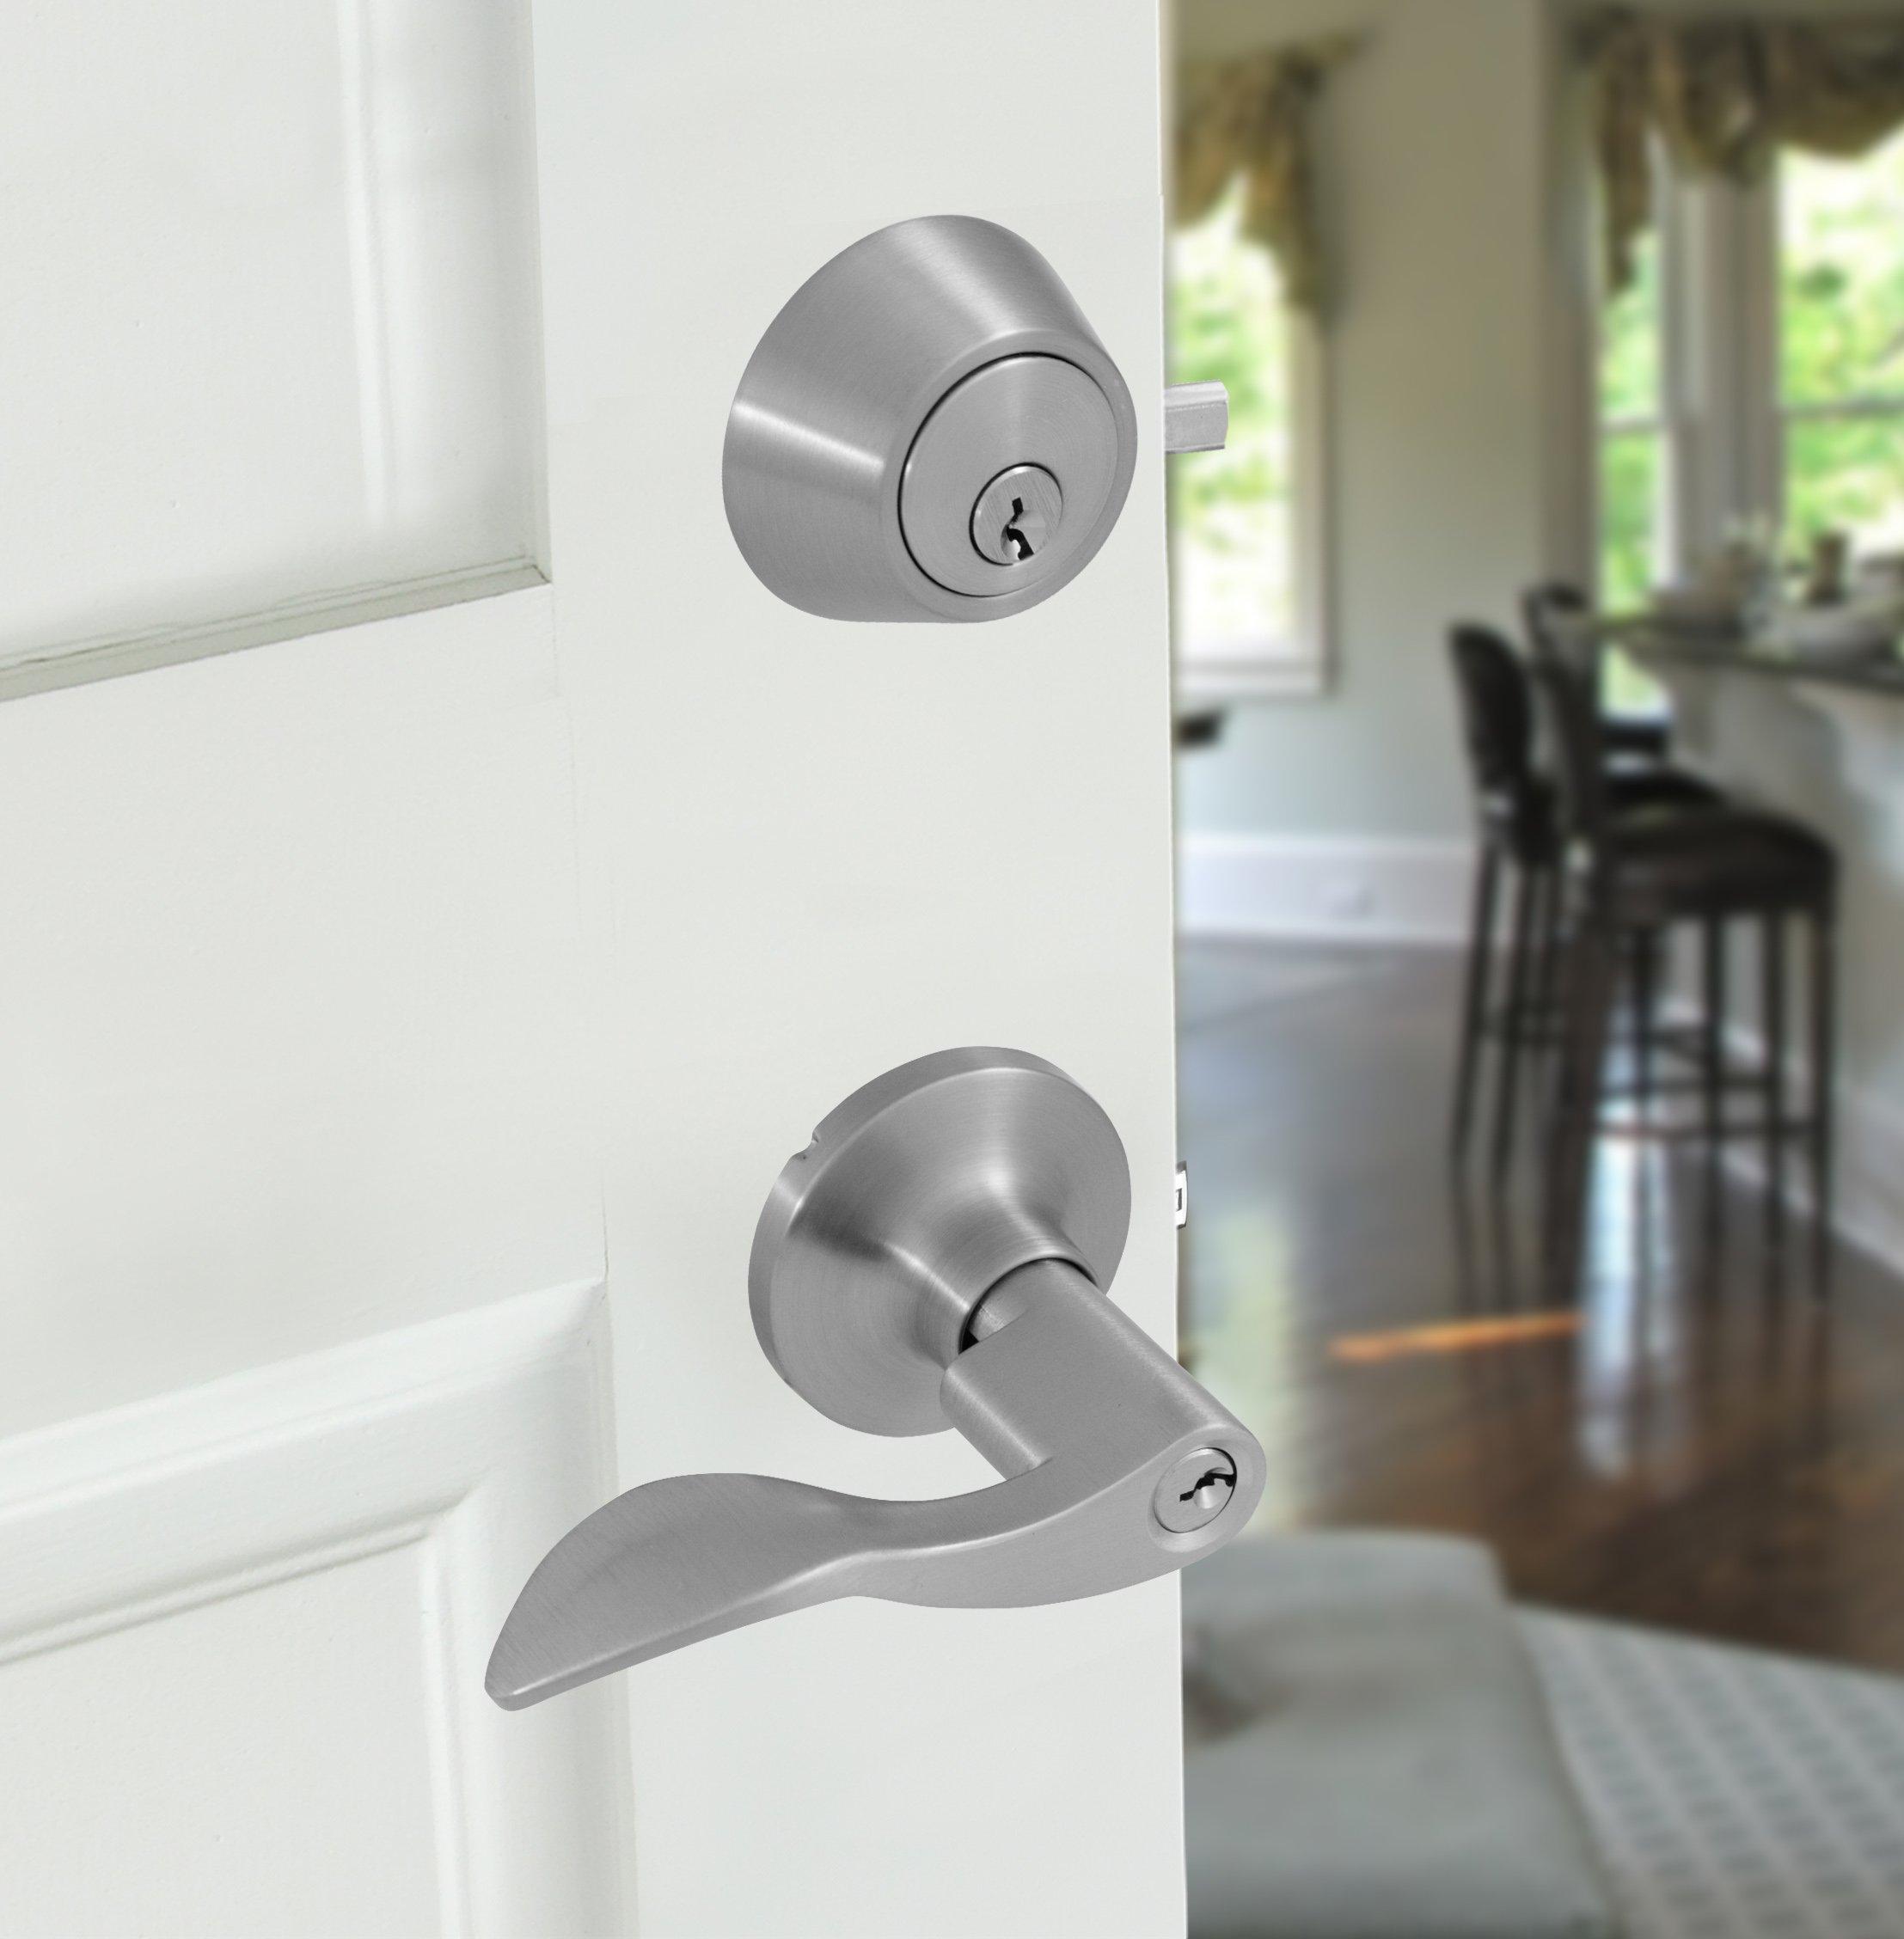 Honeywell 8106305 Wave Combo Door Lever, Satin Nickel by Honeywell Safes & Door Locks (Image #2)